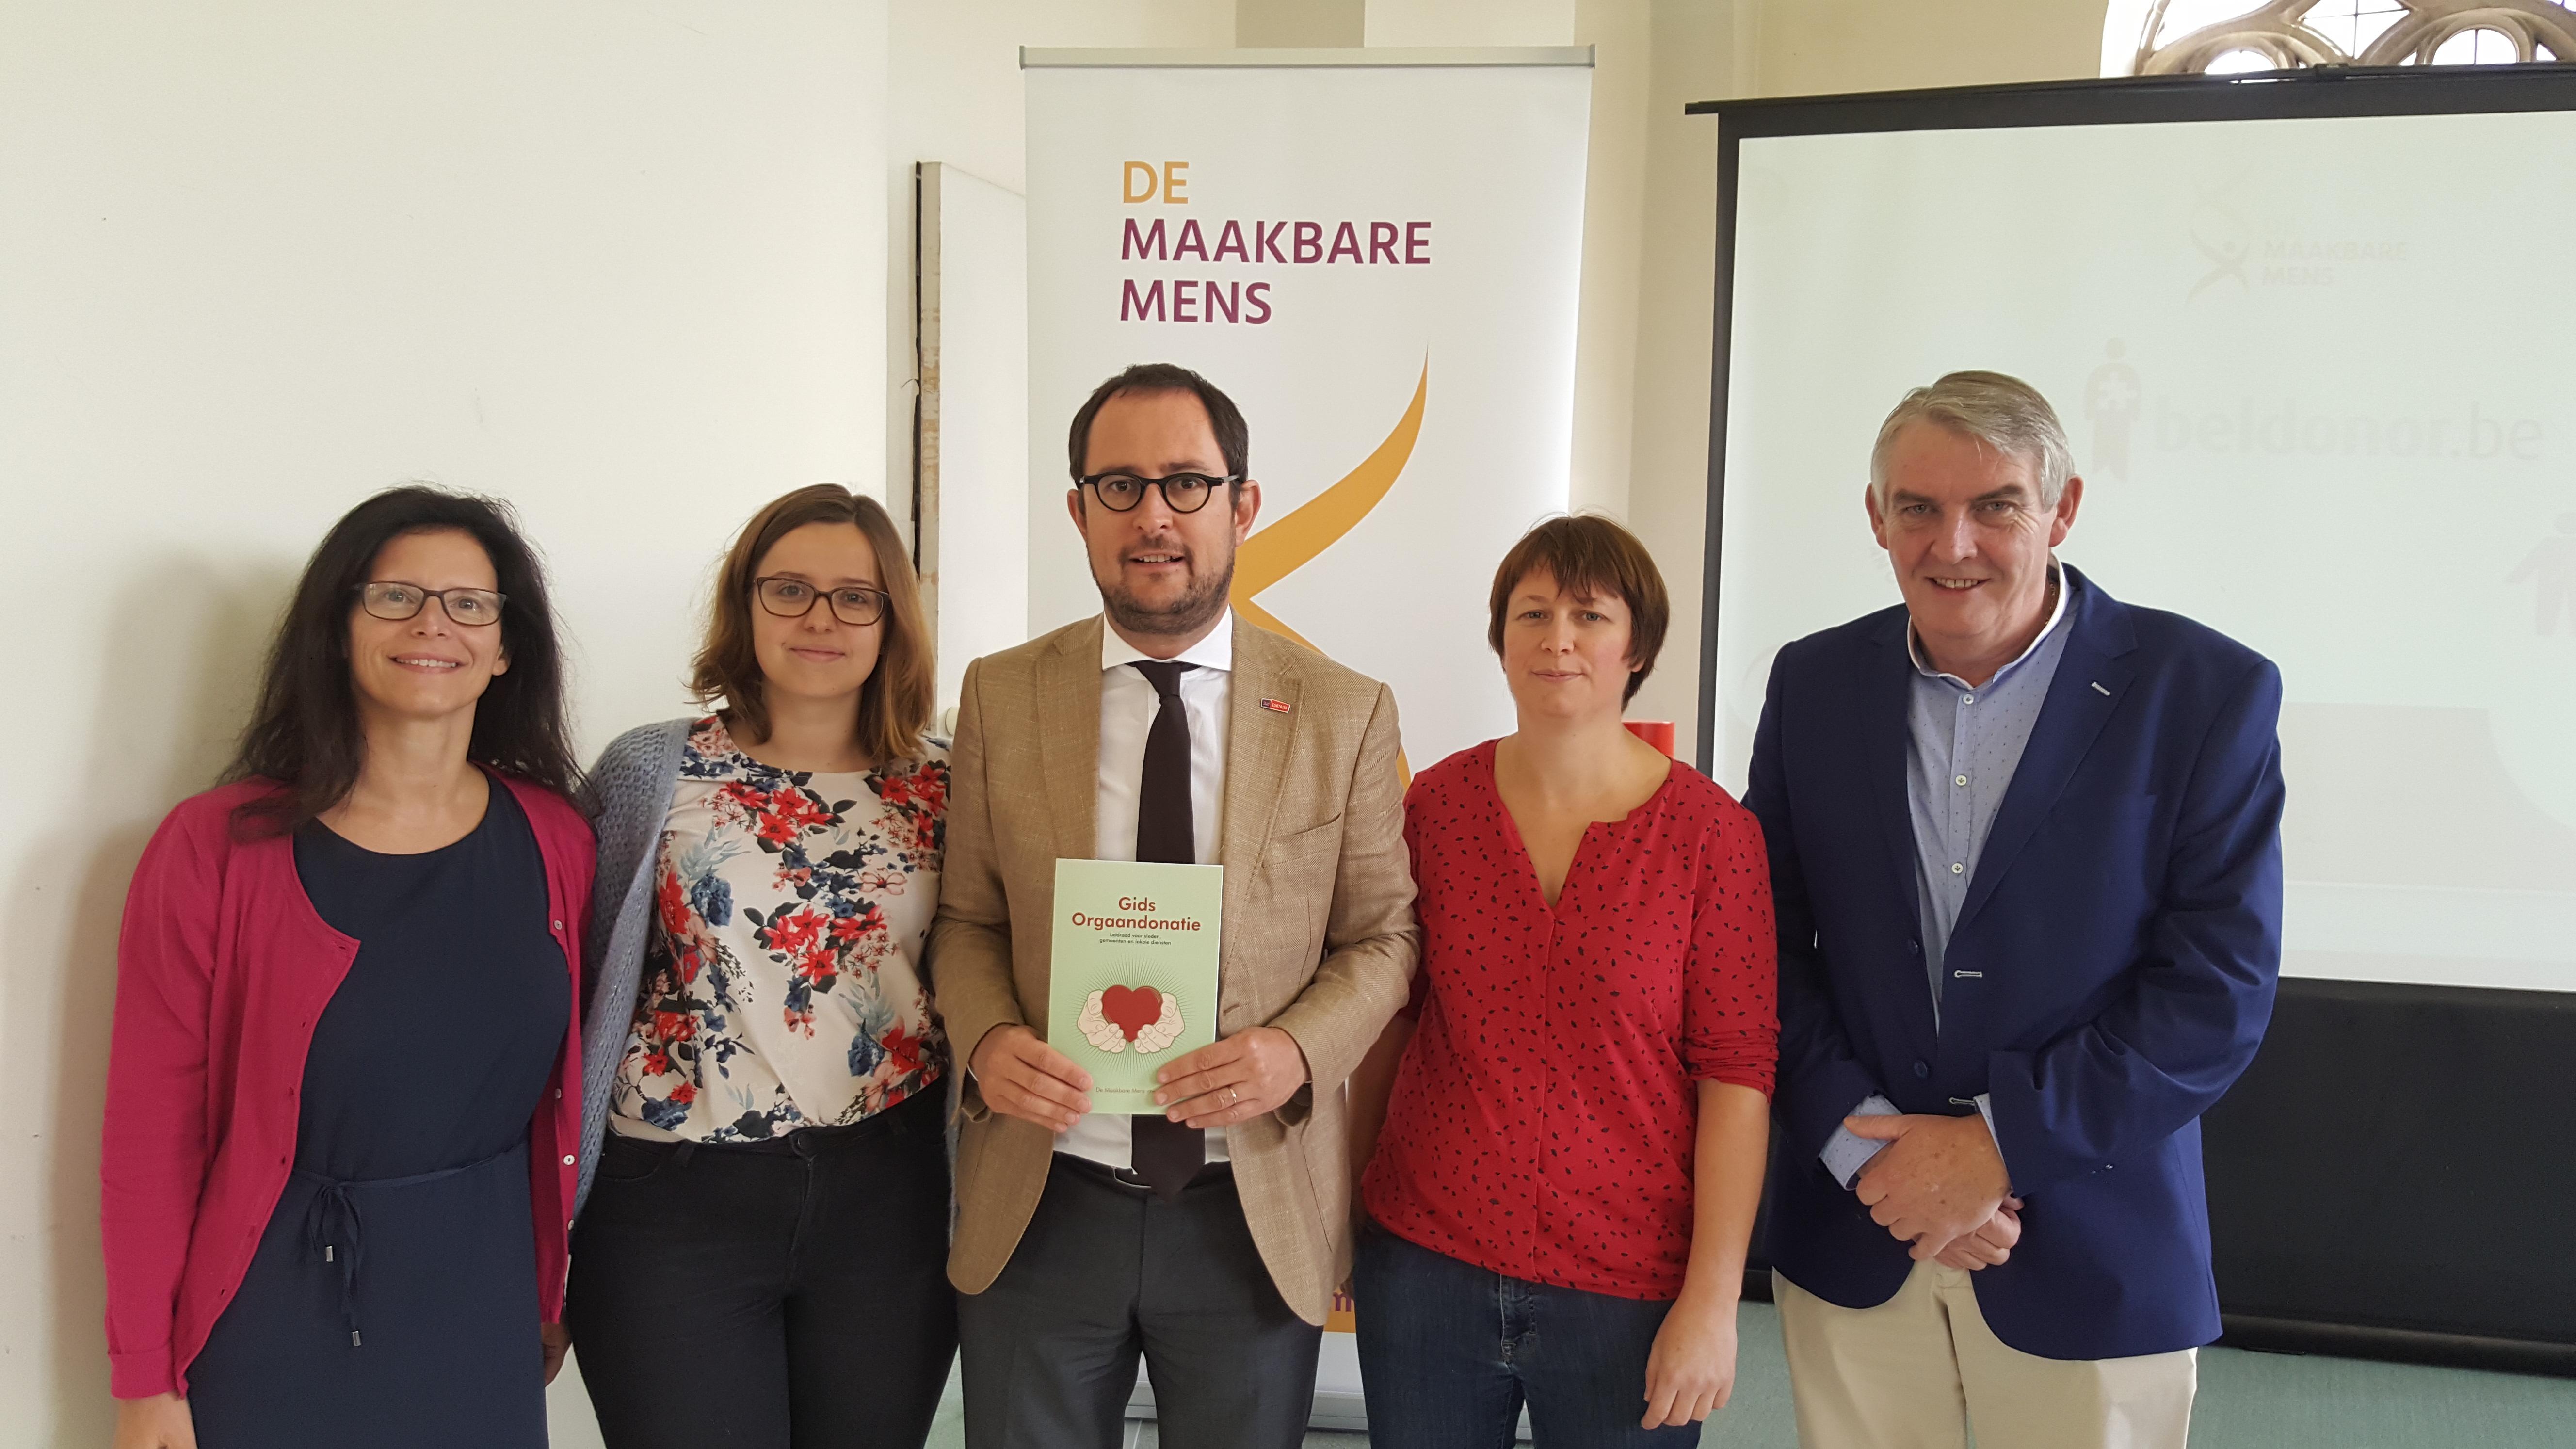 Voorstelling Gids orgaandonatie voor steden, gemeenten en lokale diensten